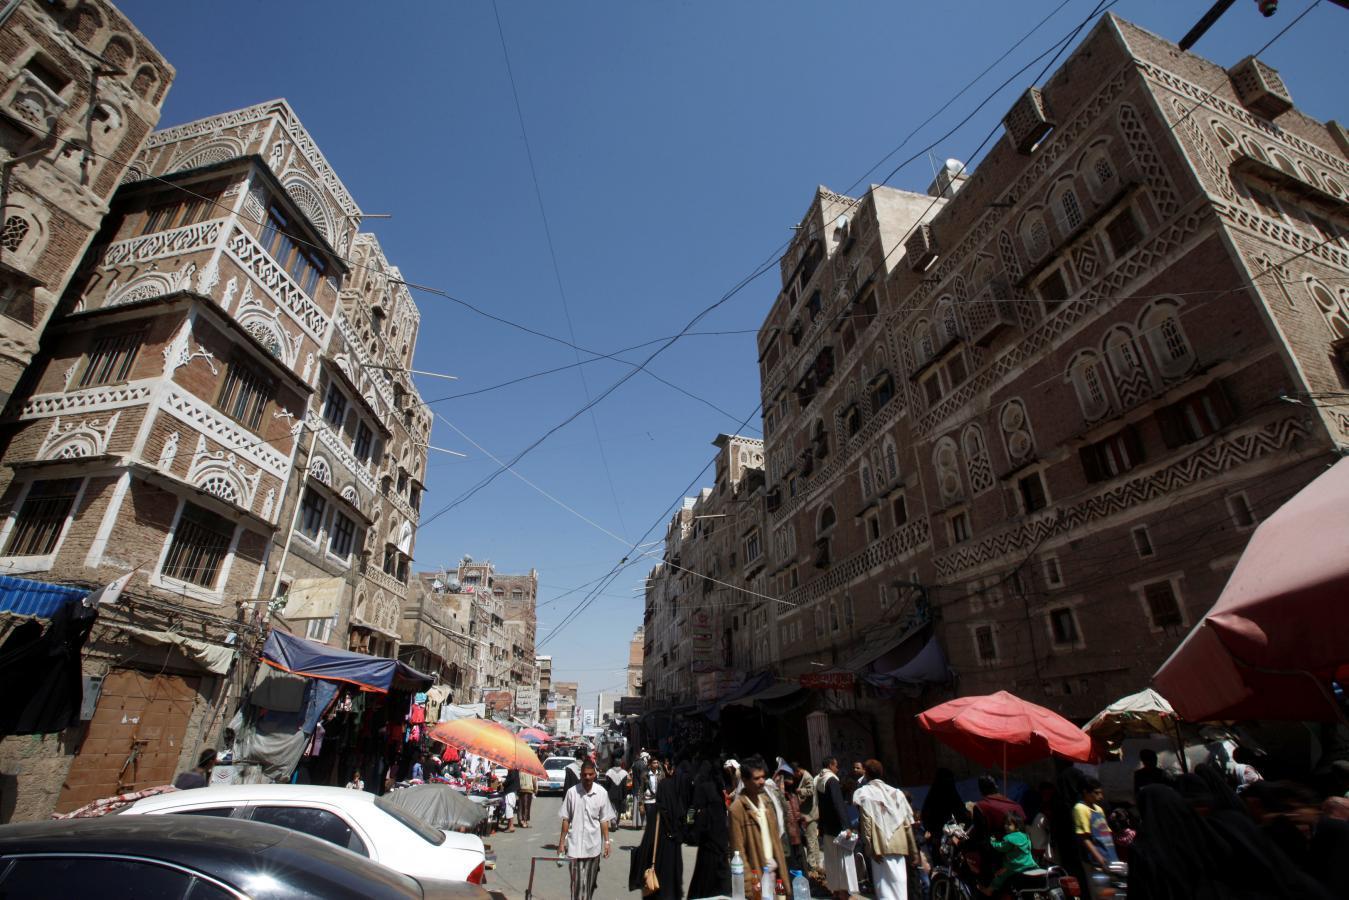 Parties to Yemen war exchange accusations of breaching ceasefire